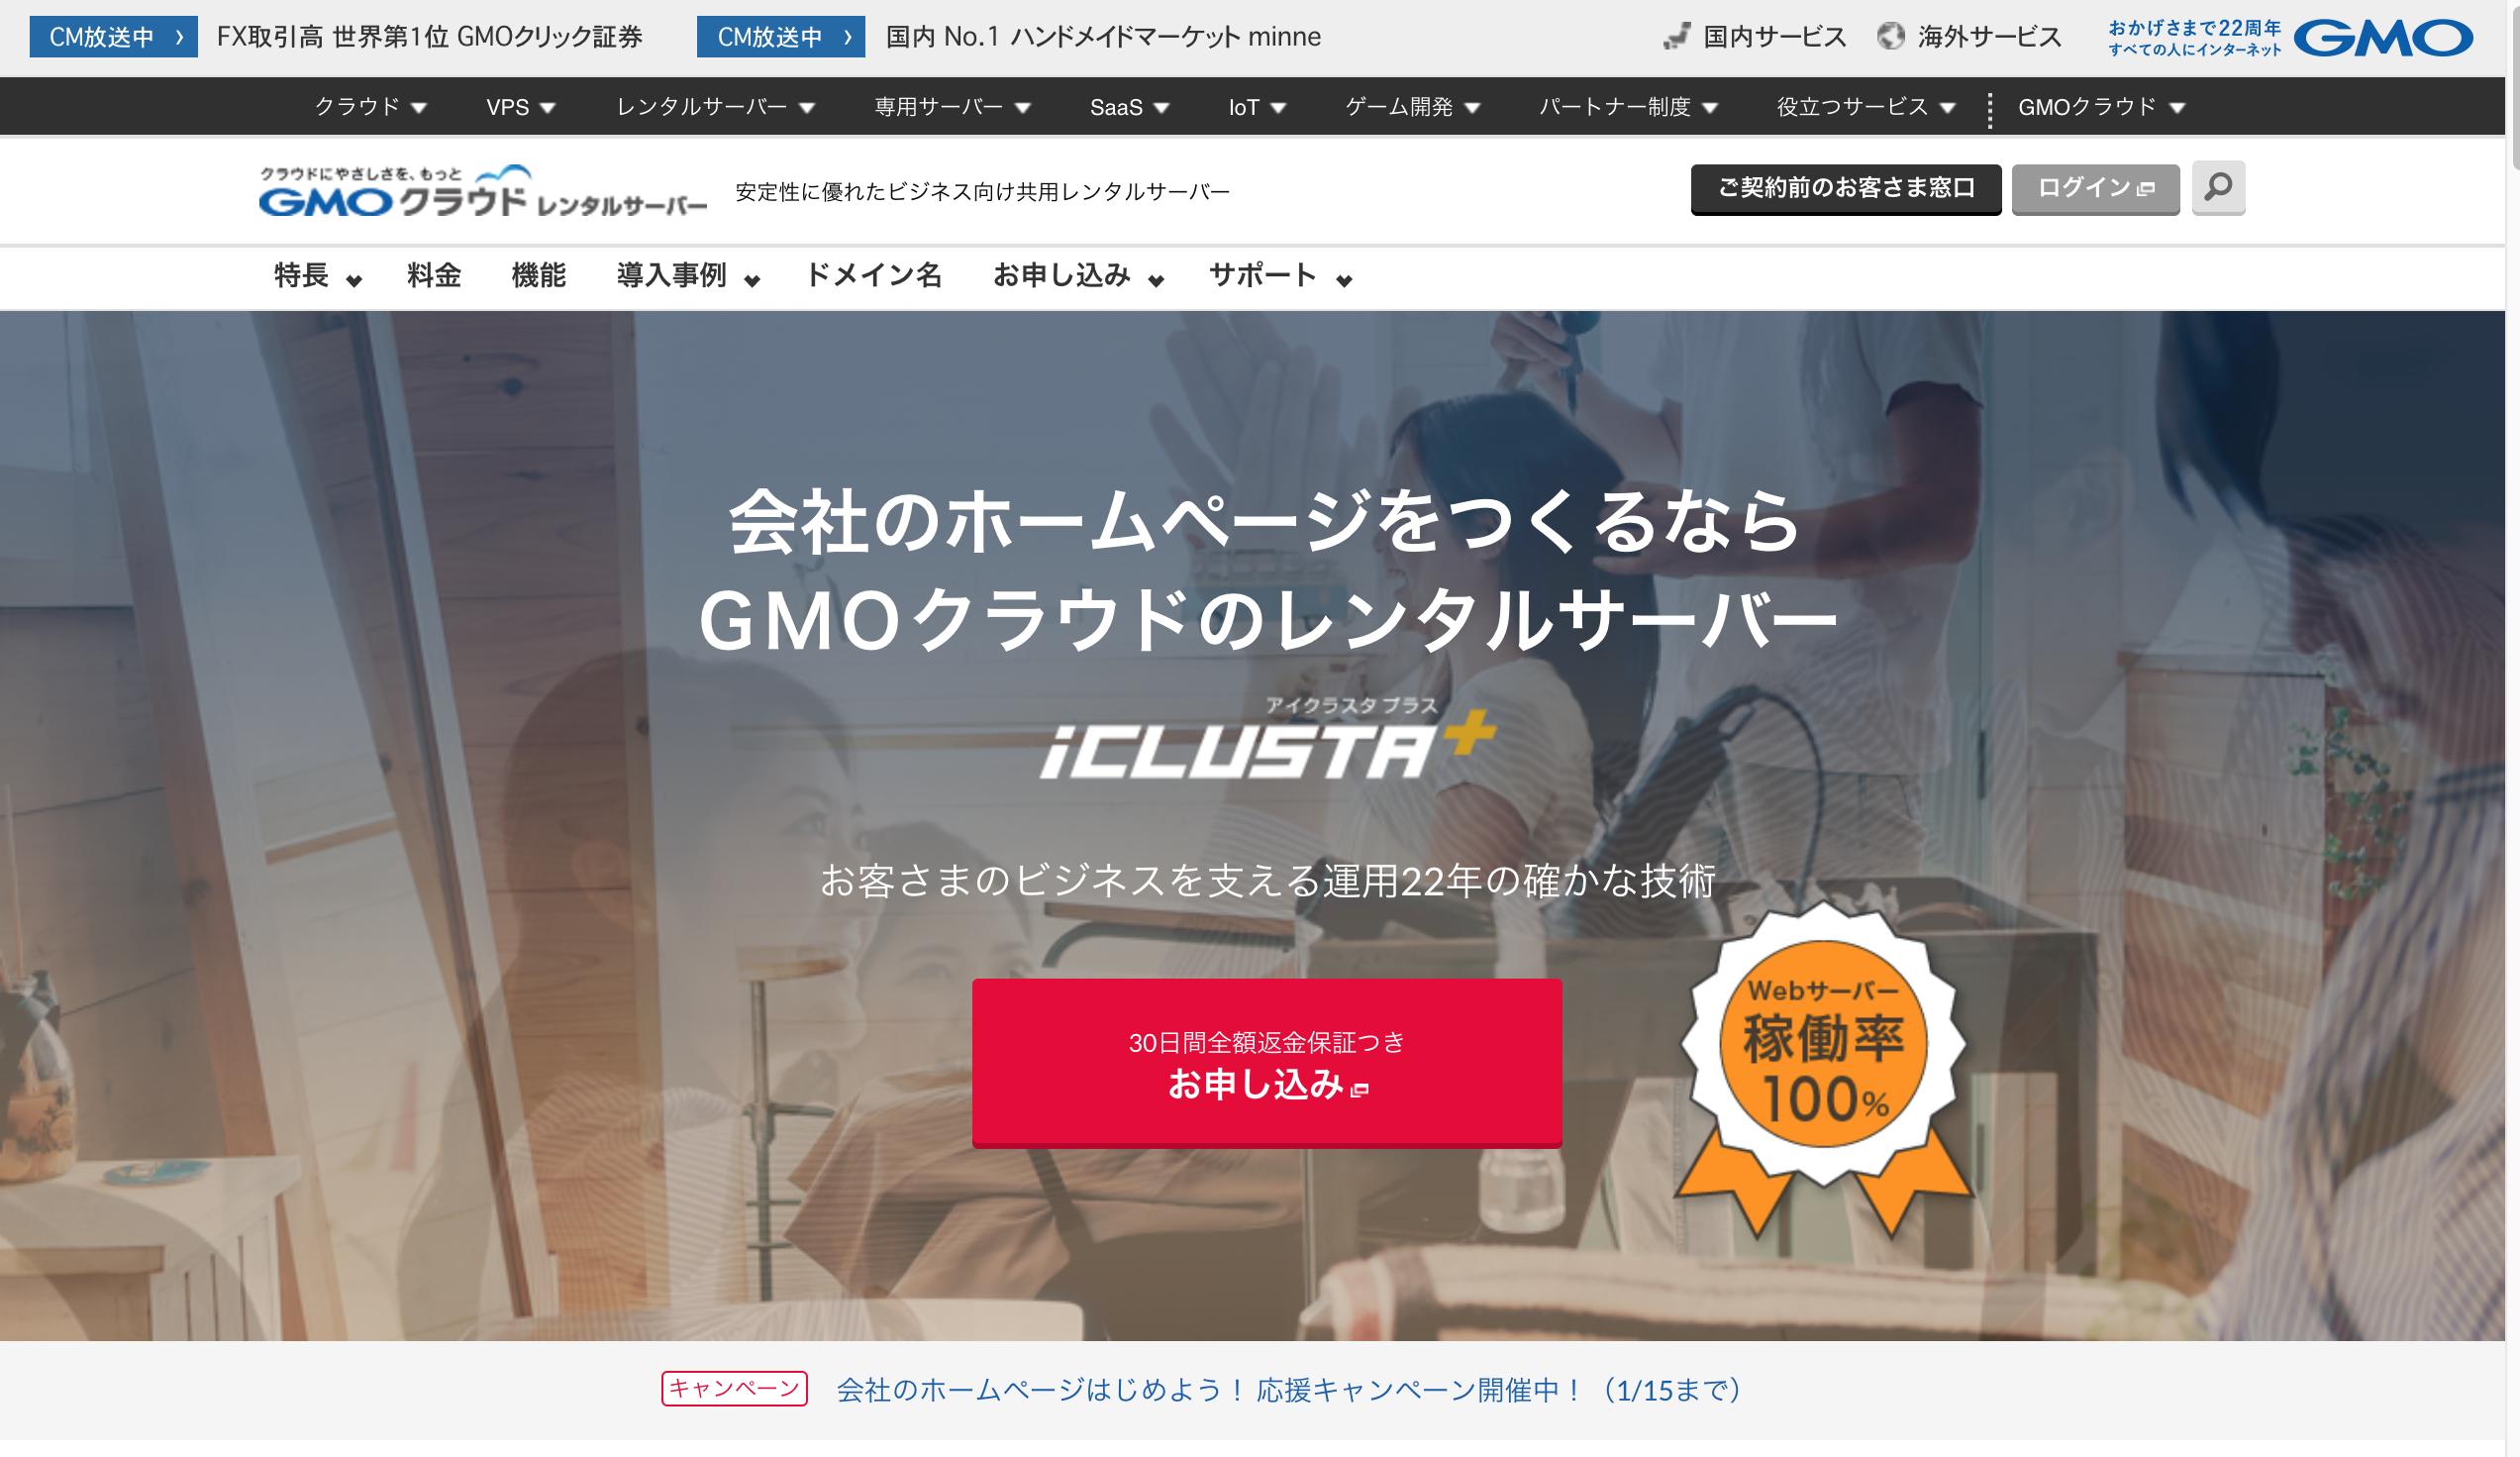 GMOクラウド iCLUSTA+(アイクラスタプラス)